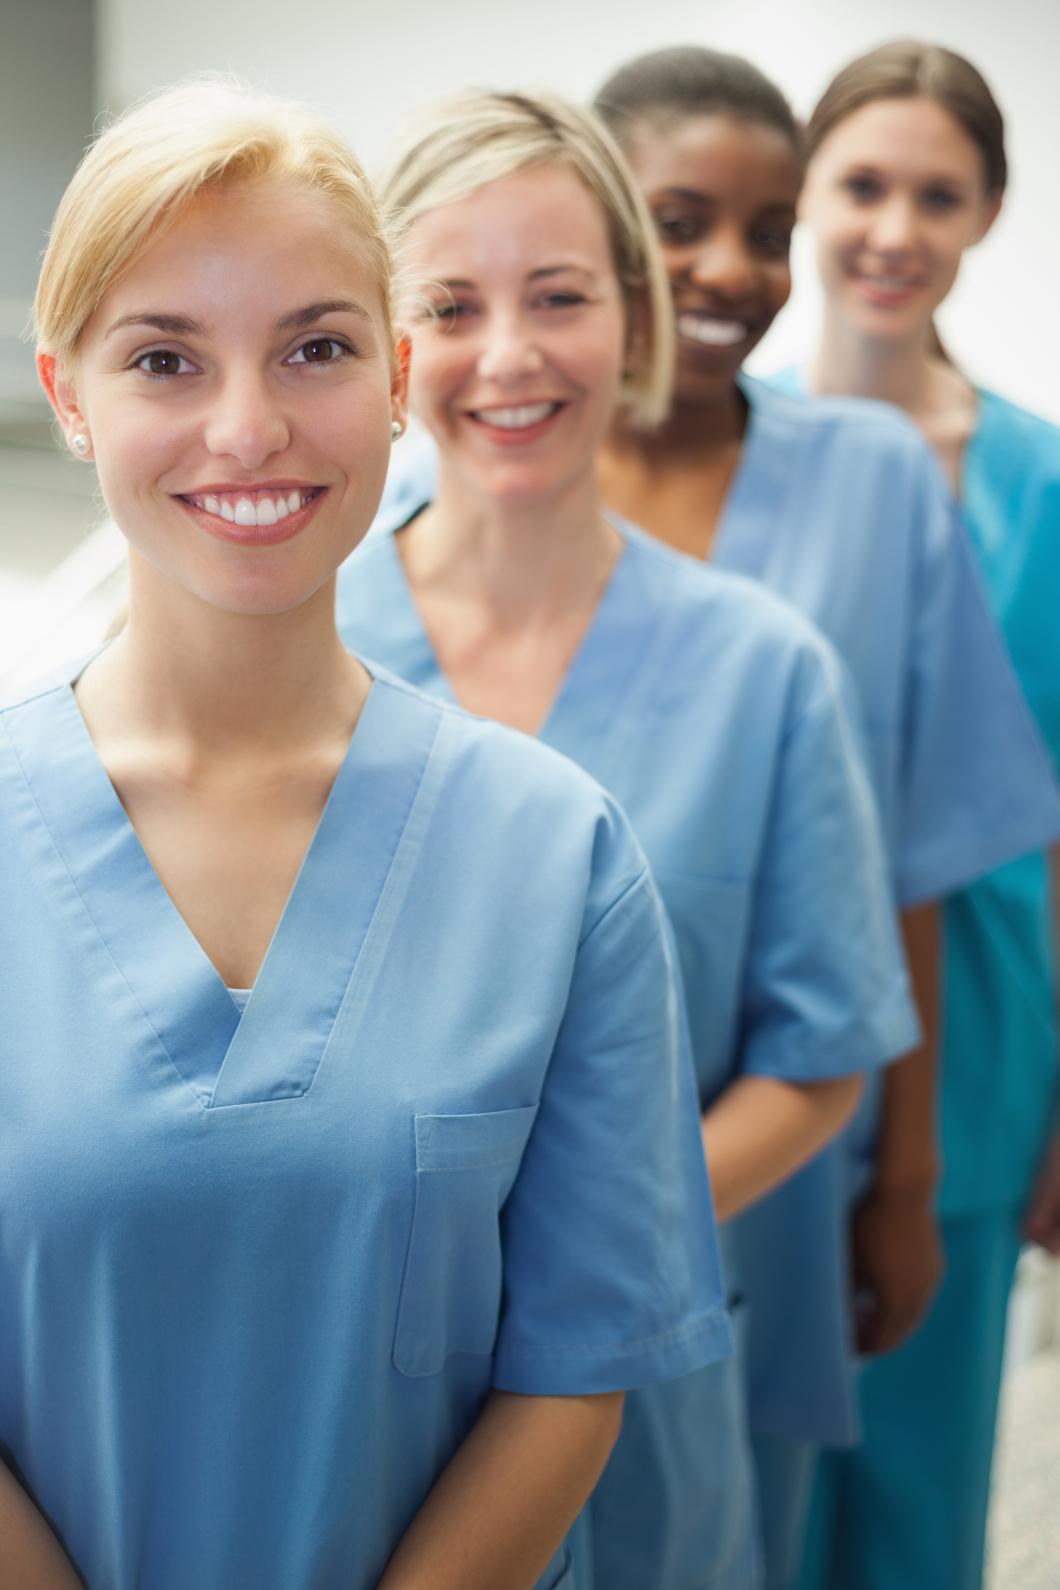 England. Nu publicerar sjukhusen siffror på antalet sjuksköterskor